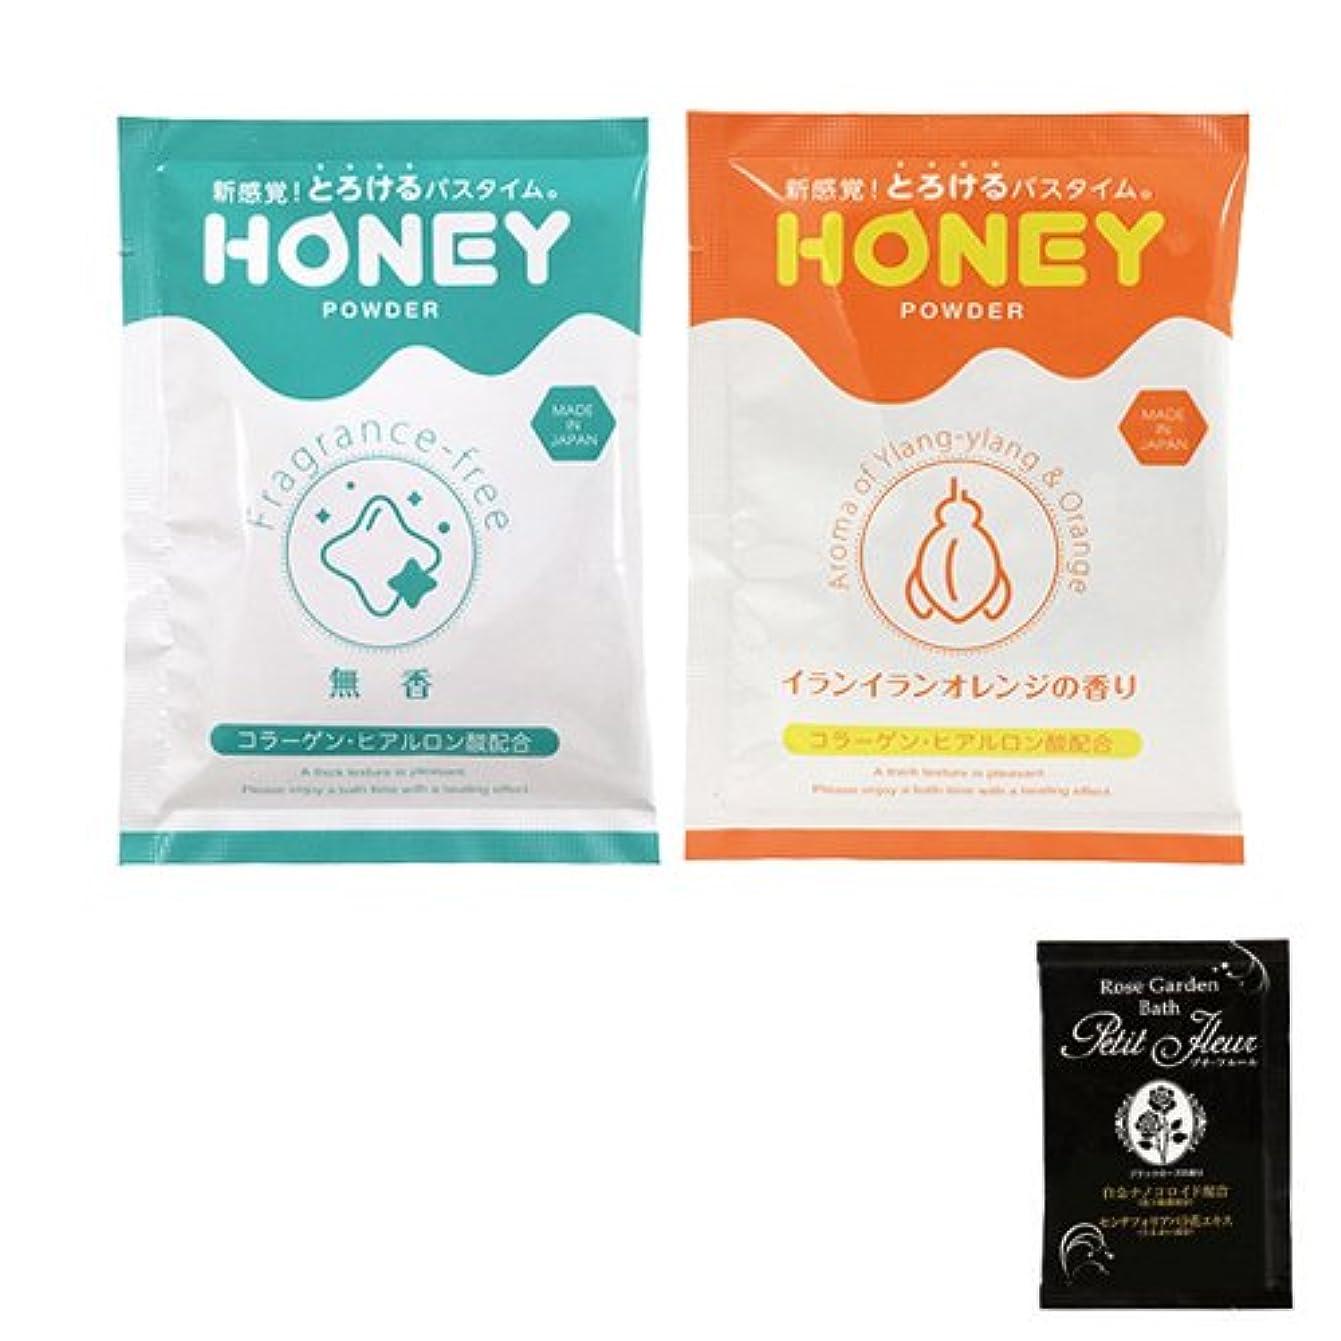 トロイの木馬特権偏心とろとろ入浴剤【honey powder】粉末タイプ イランイランオレンジの香り + 無香 + 入浴剤(プチフルール)1回分